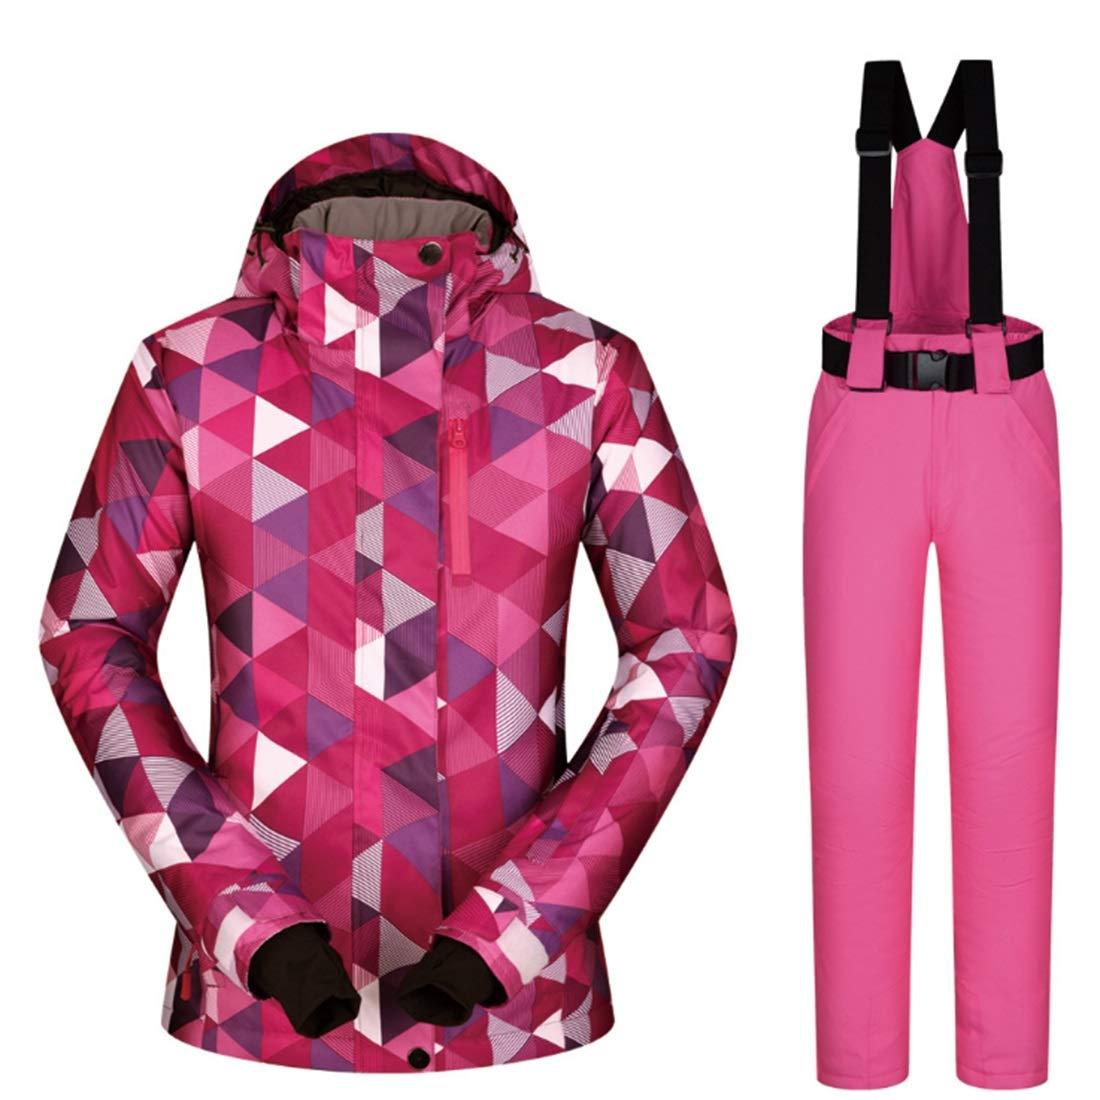 7 XIAMEND Warm Mountain Ski Jacket, Waterproof Windproof Winter Raincoat for Women (color   06, Size   S)